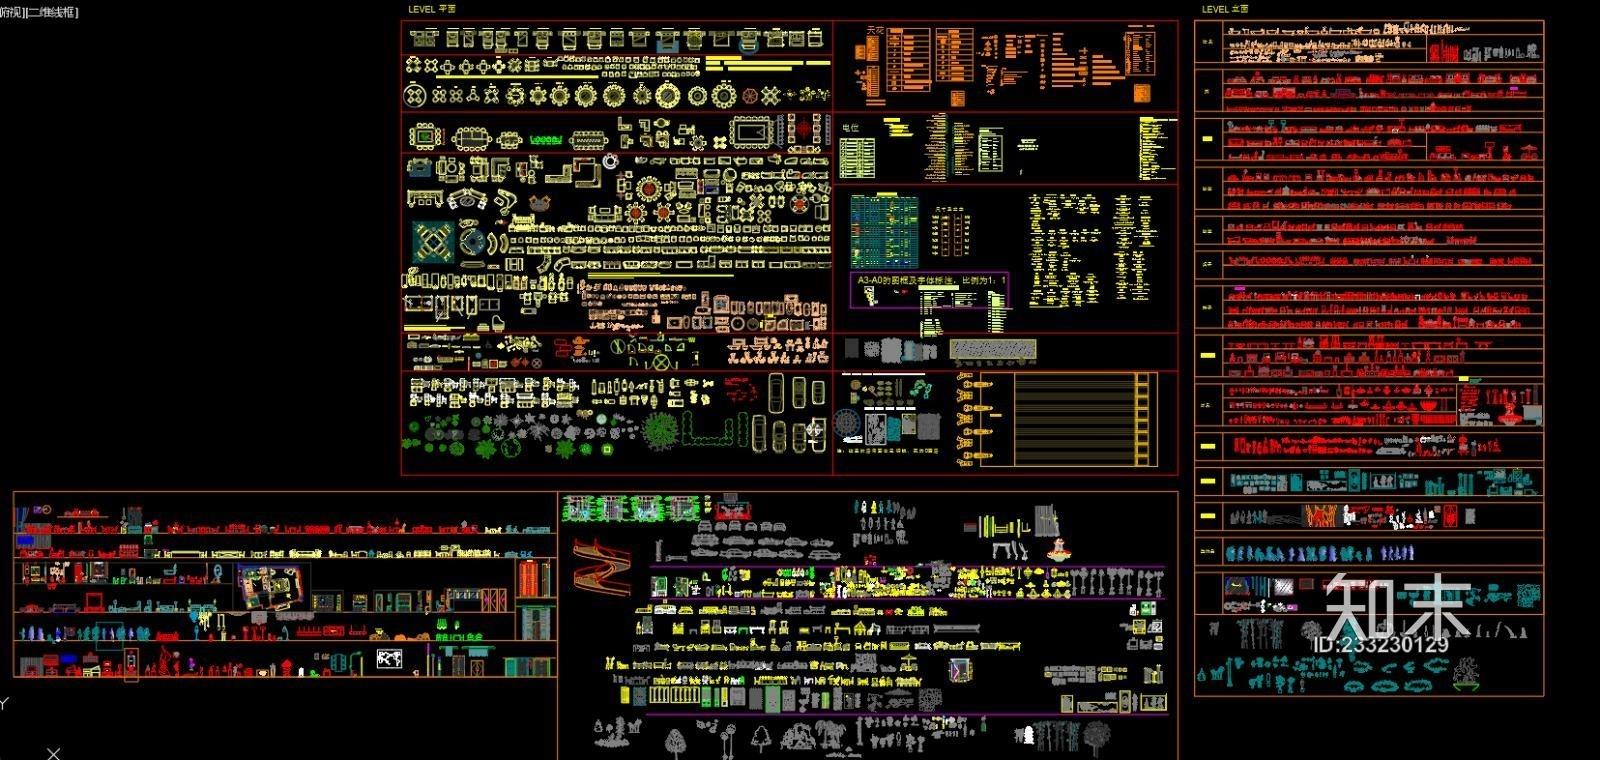 整理CAD图库施工图下载【ID:233230129】